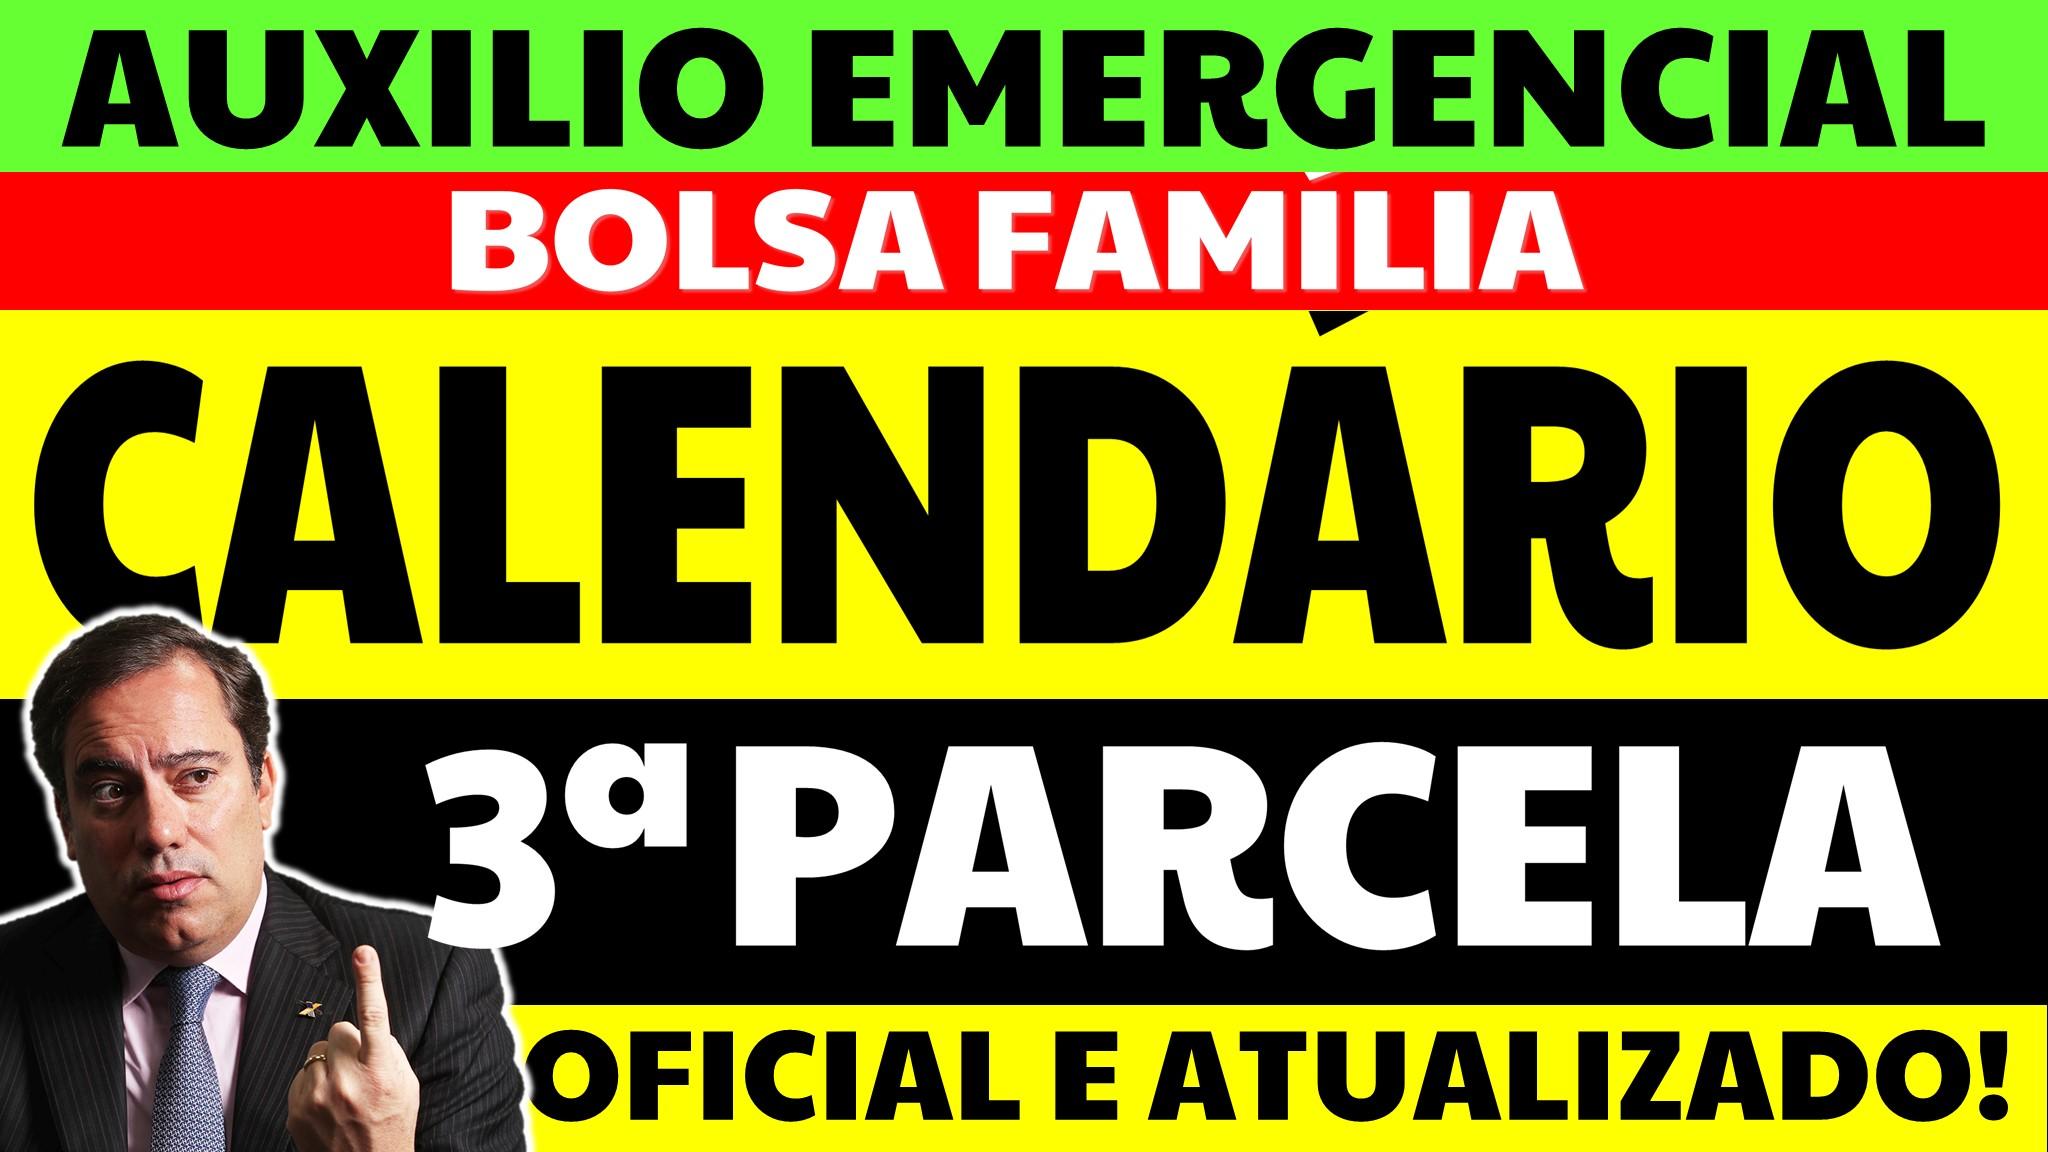 Novo calendário do Auxílio Emergencial: Caixa antecipa 3a. parcela do Auxílio Emergencial